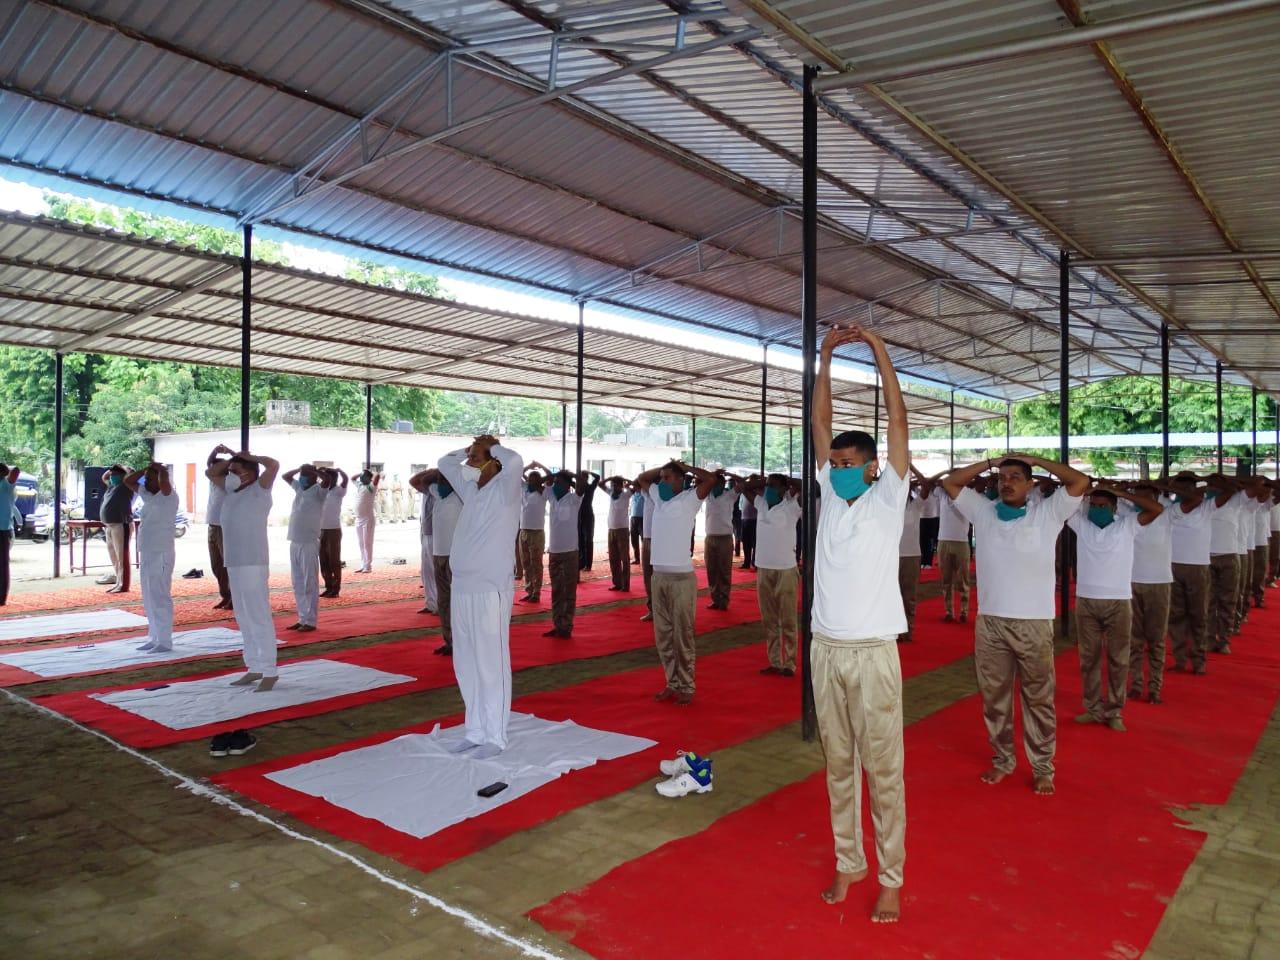 एसएसपी दिनेश कुमार प्रभु के नेतृत्व में एसएसपी कैंप ऑफिस से ऑनलाइन योग शिविर का आयोजन किया गया।